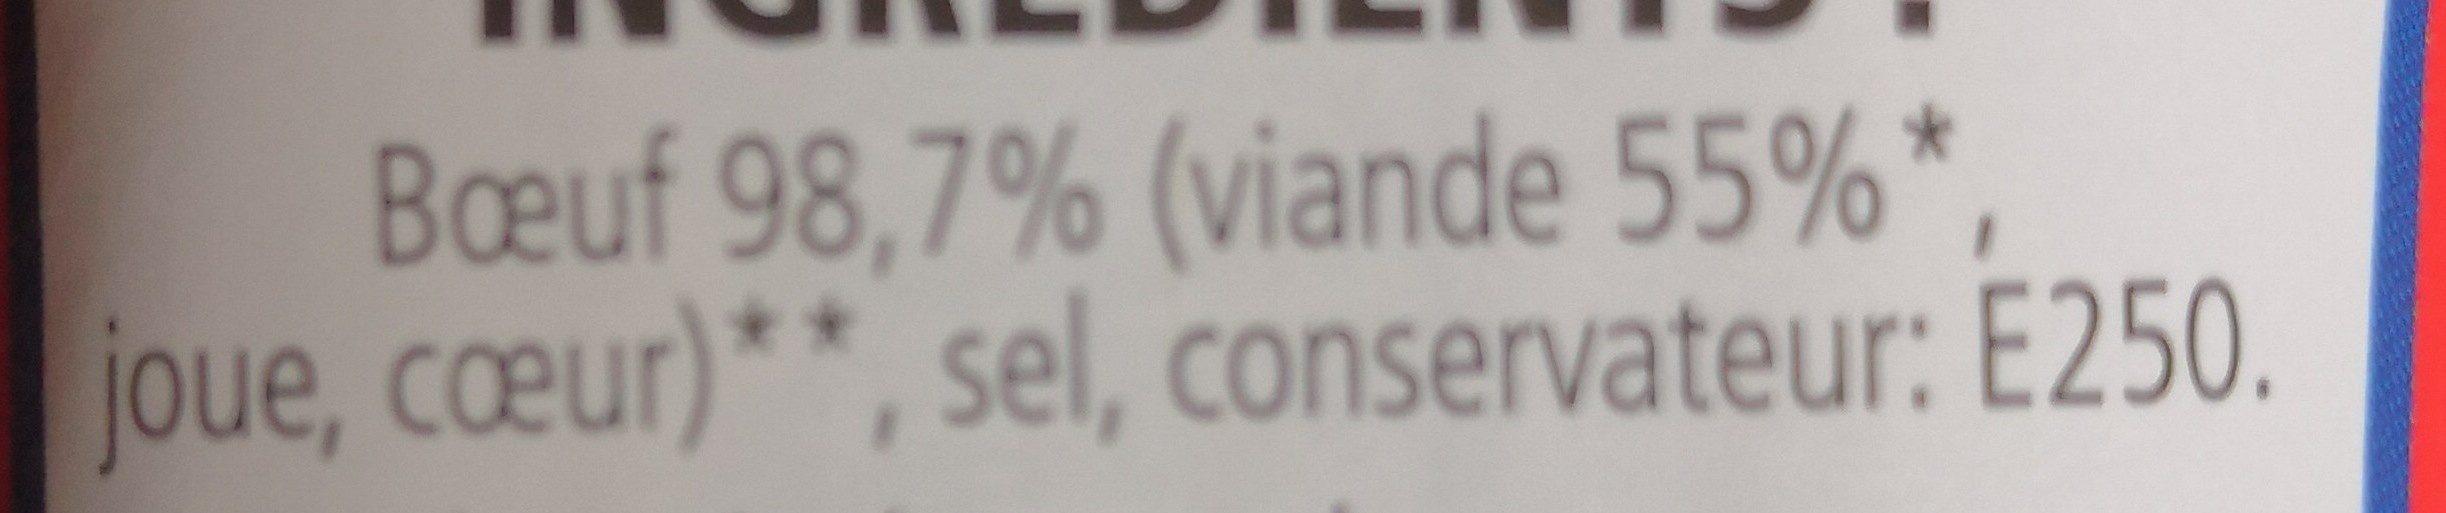 Corned beef - Ingrédients - fr